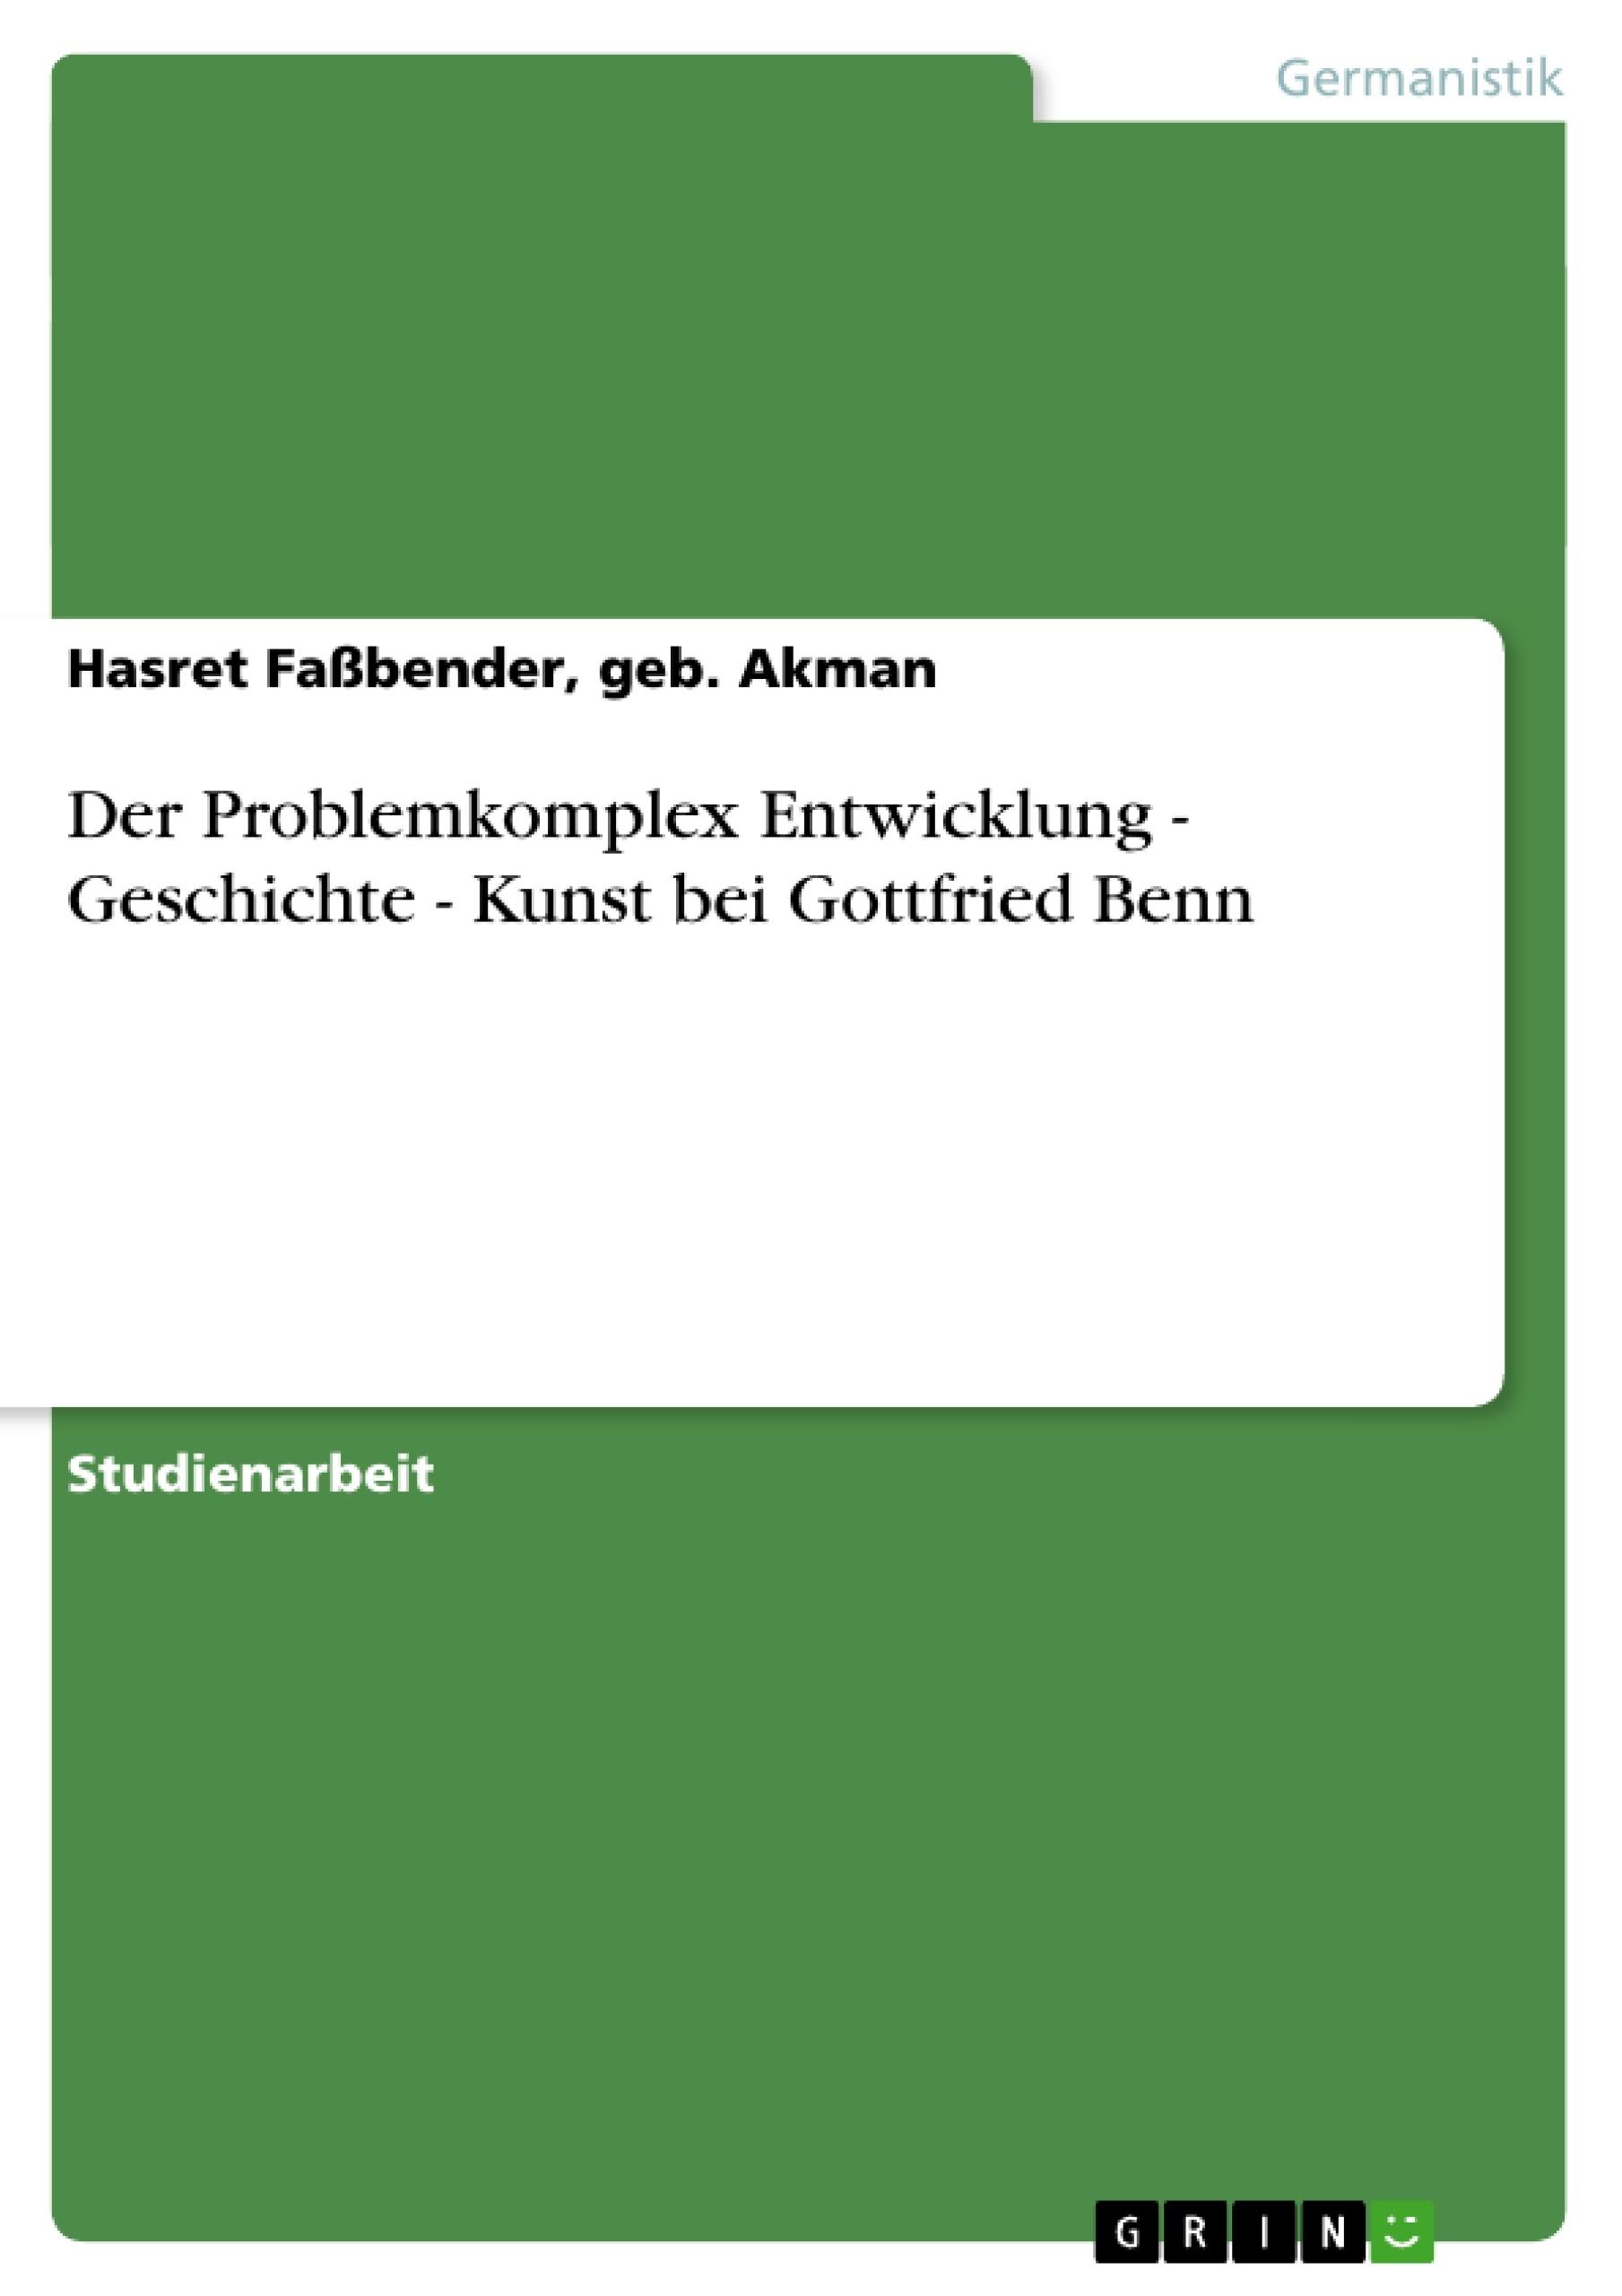 Titel: Der Problemkomplex Entwicklung - Geschichte - Kunst bei Gottfried Benn